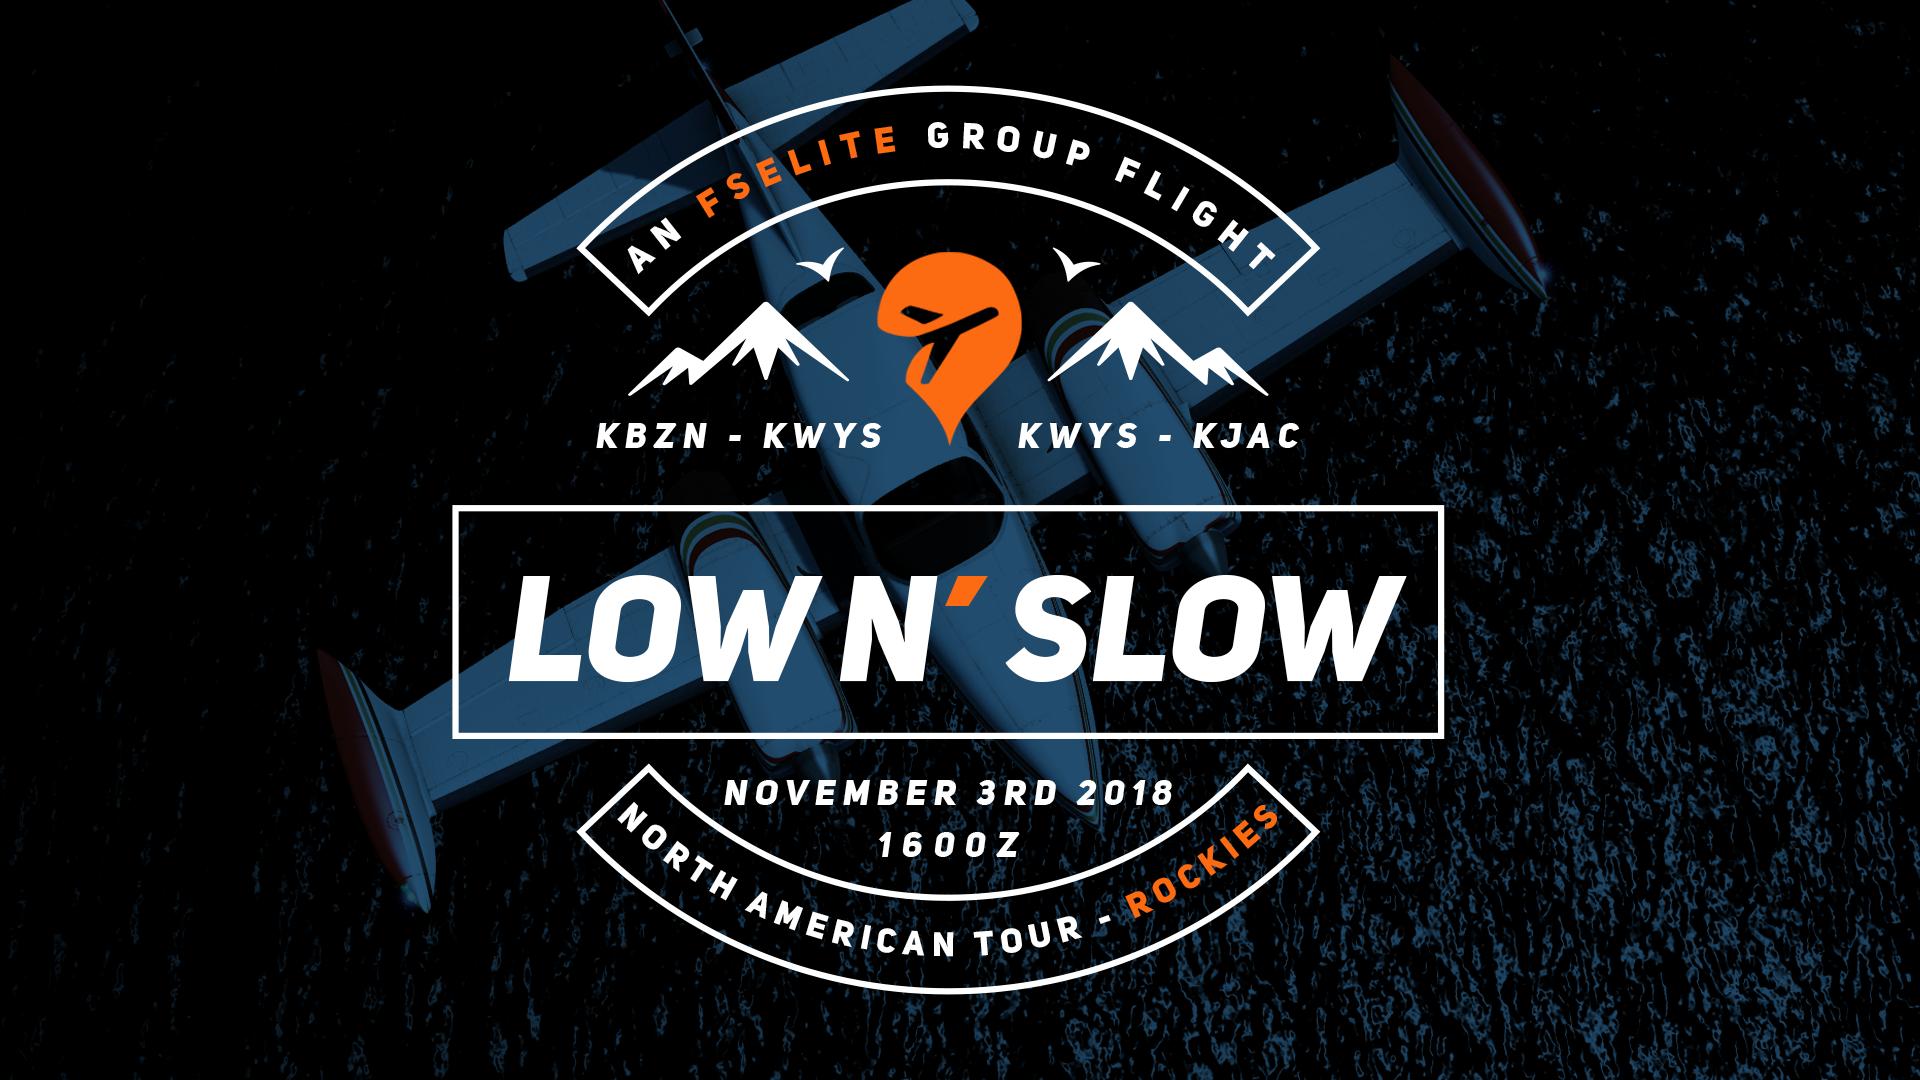 Lownslow Nov (2)